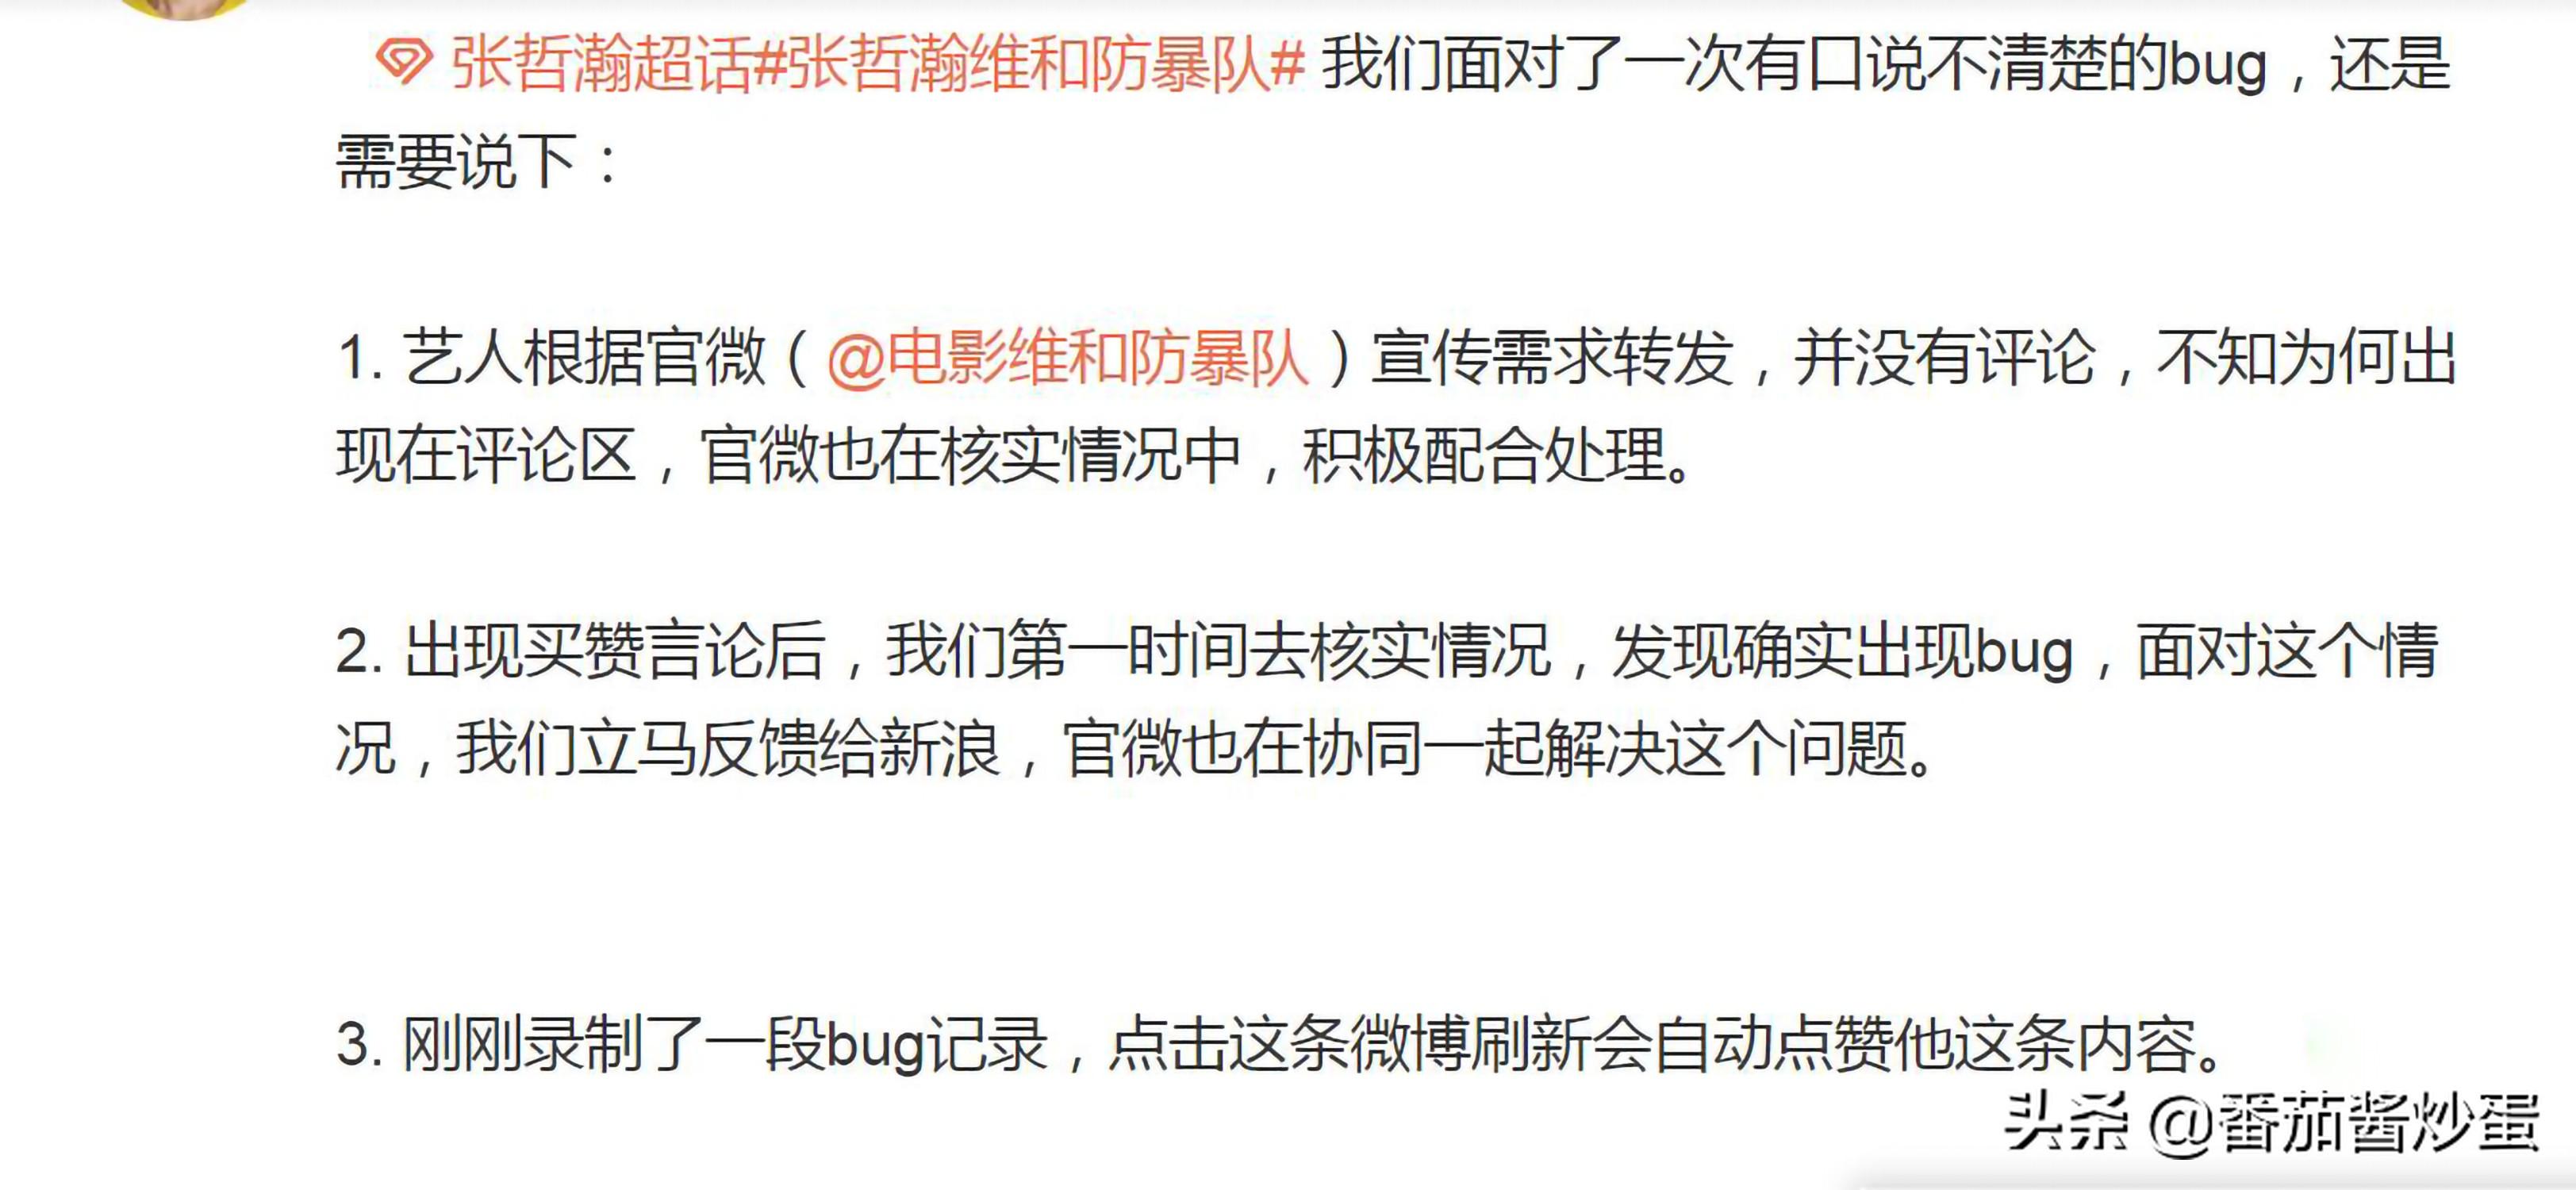 《维和防暴队》官宣阵容,黄景瑜稳占C位,新旧流量粉丝却在互撕